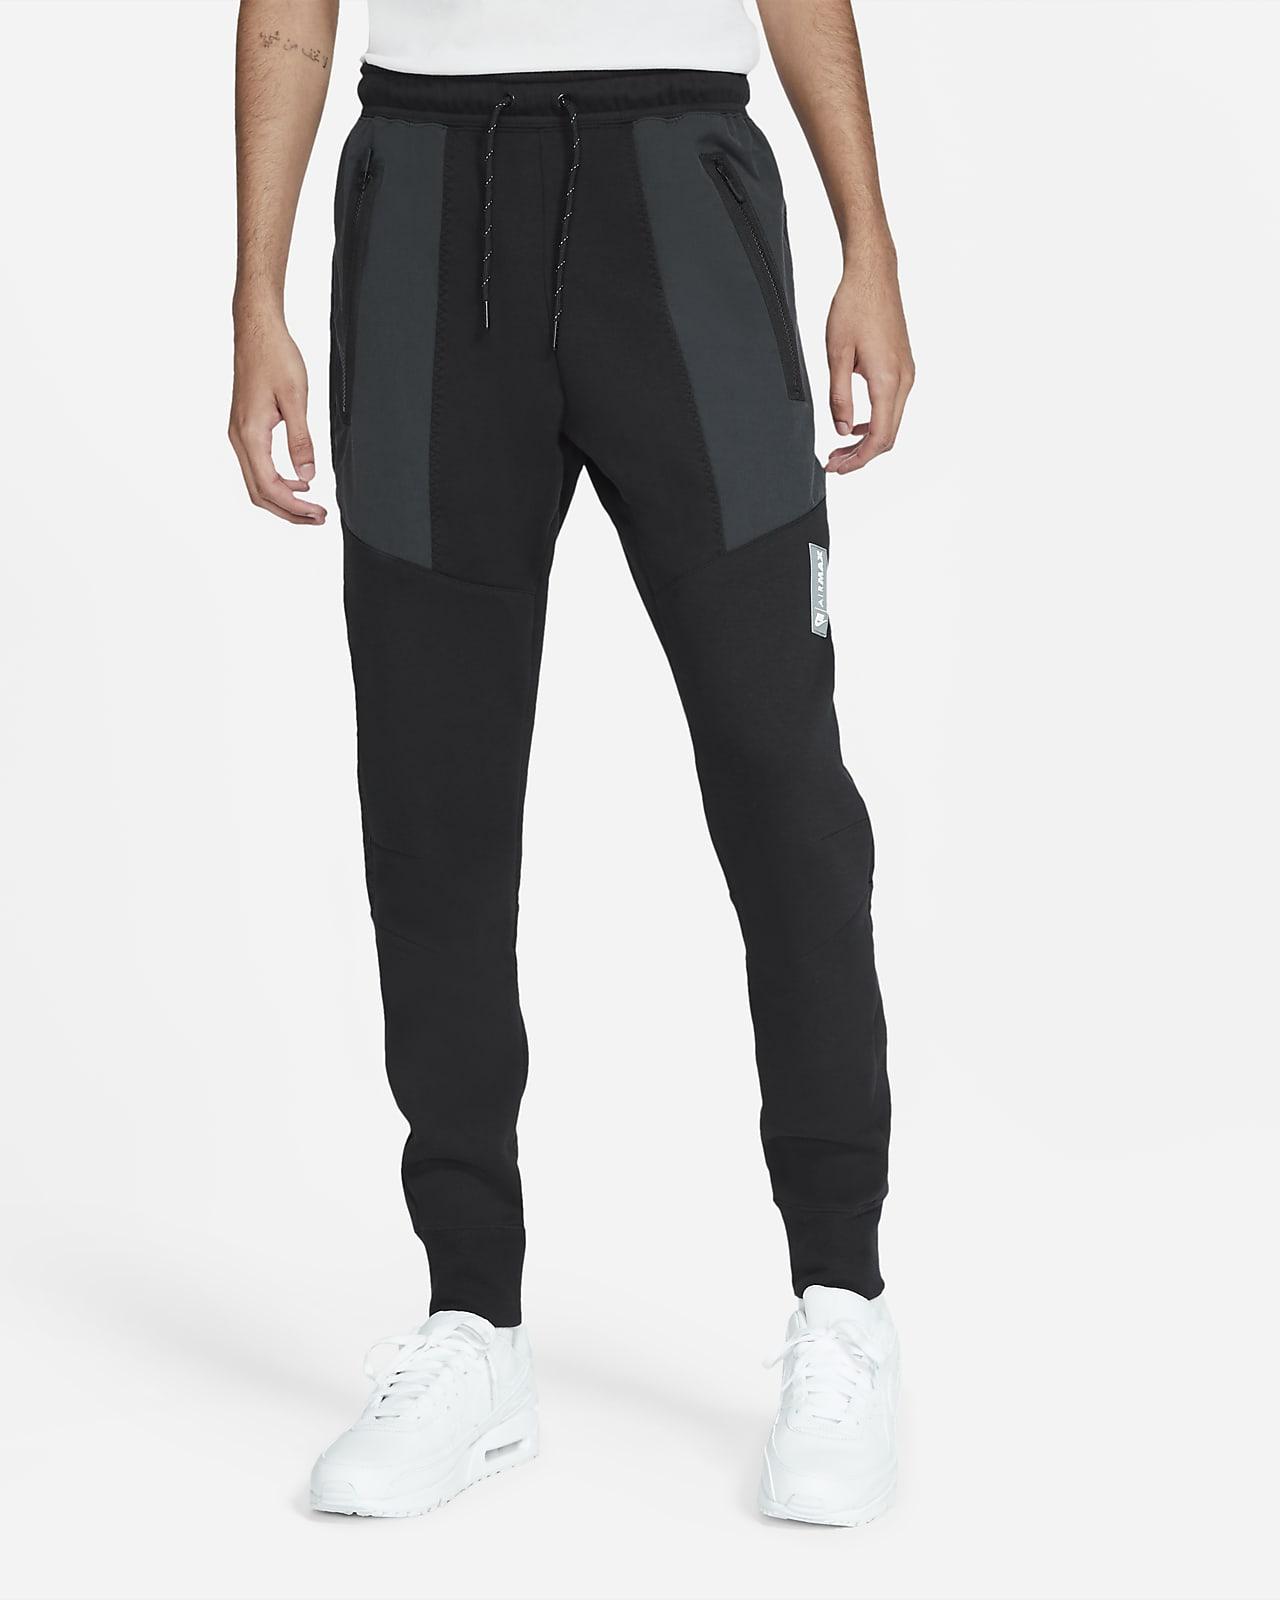 Nike Sportswear Air Max Fleece Erkek Eşofman Altı